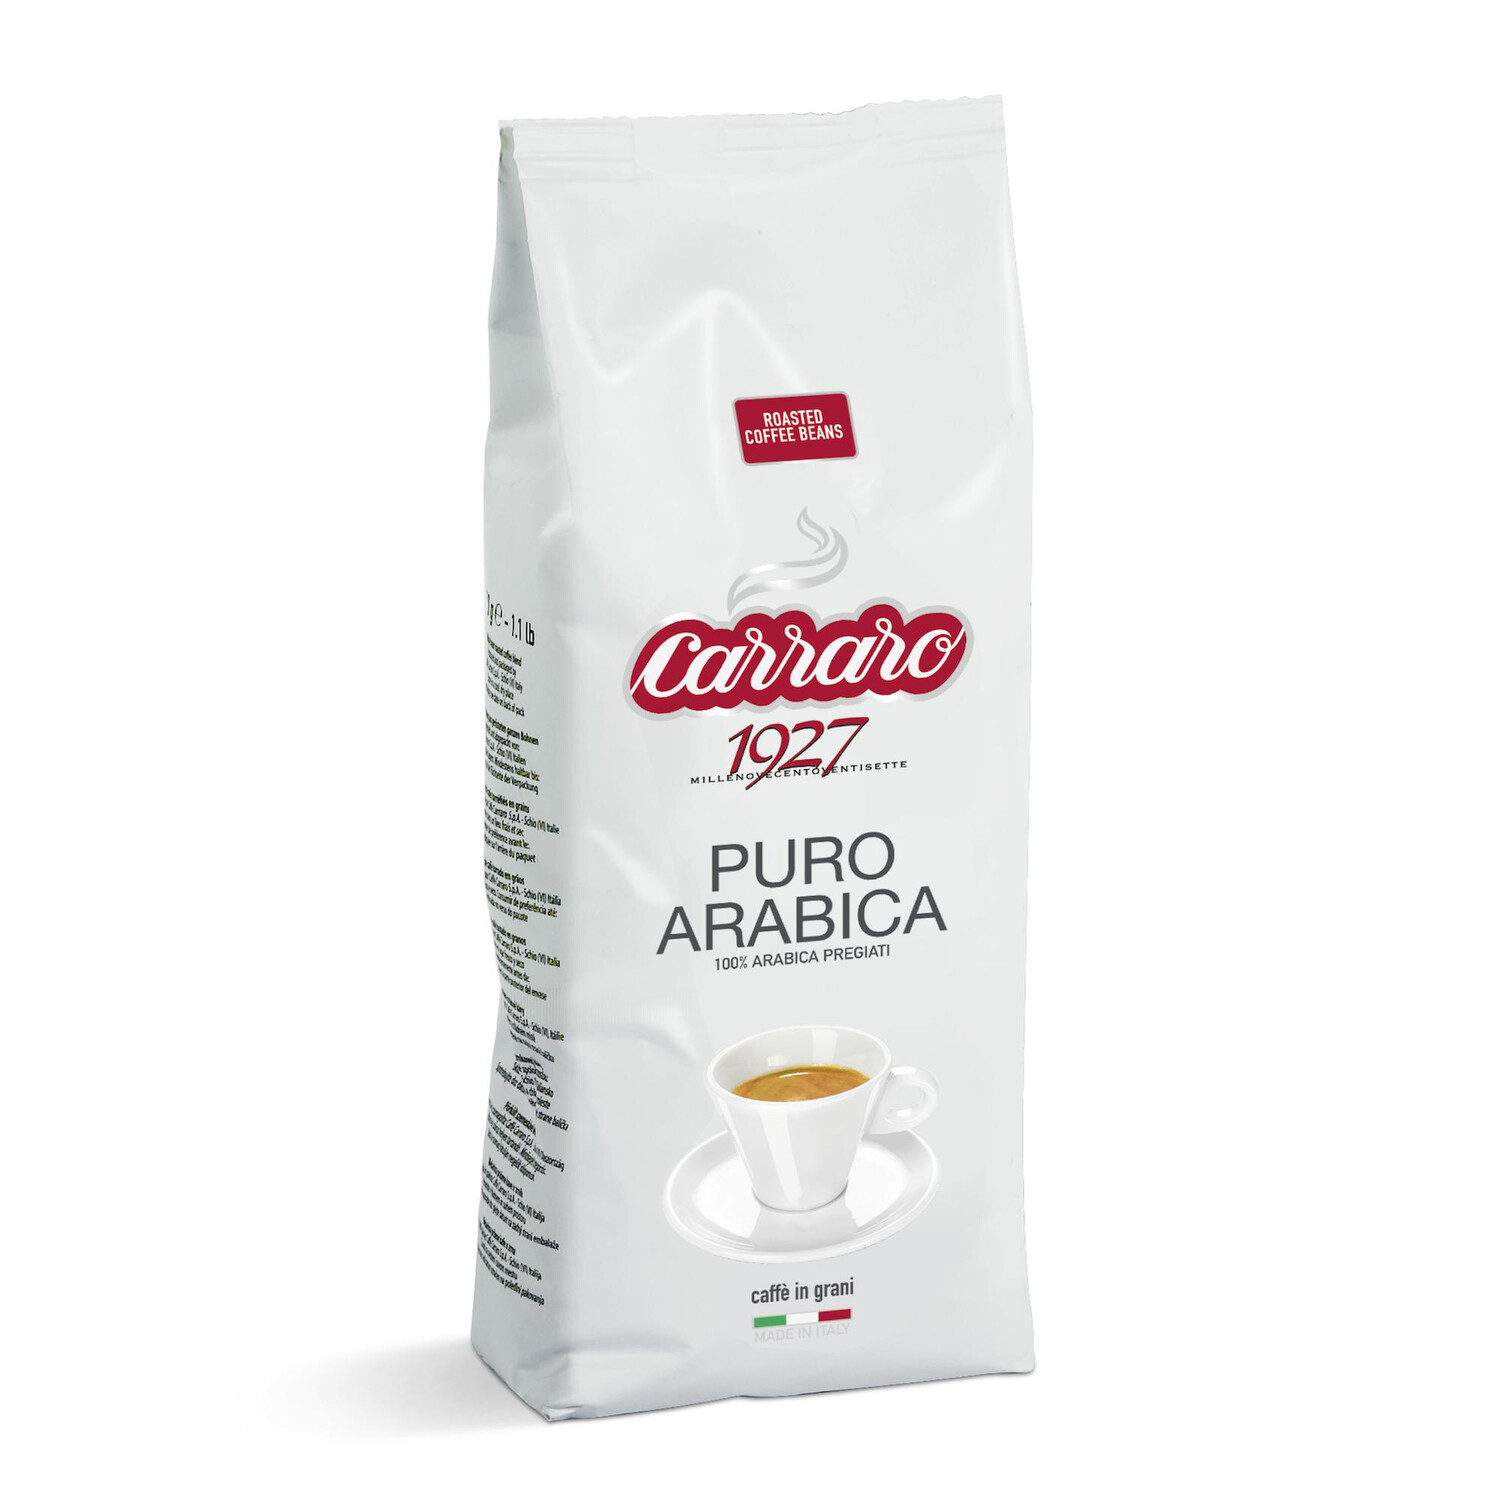 Carraro Puro Arabica еспресо зрно 1/2 kg